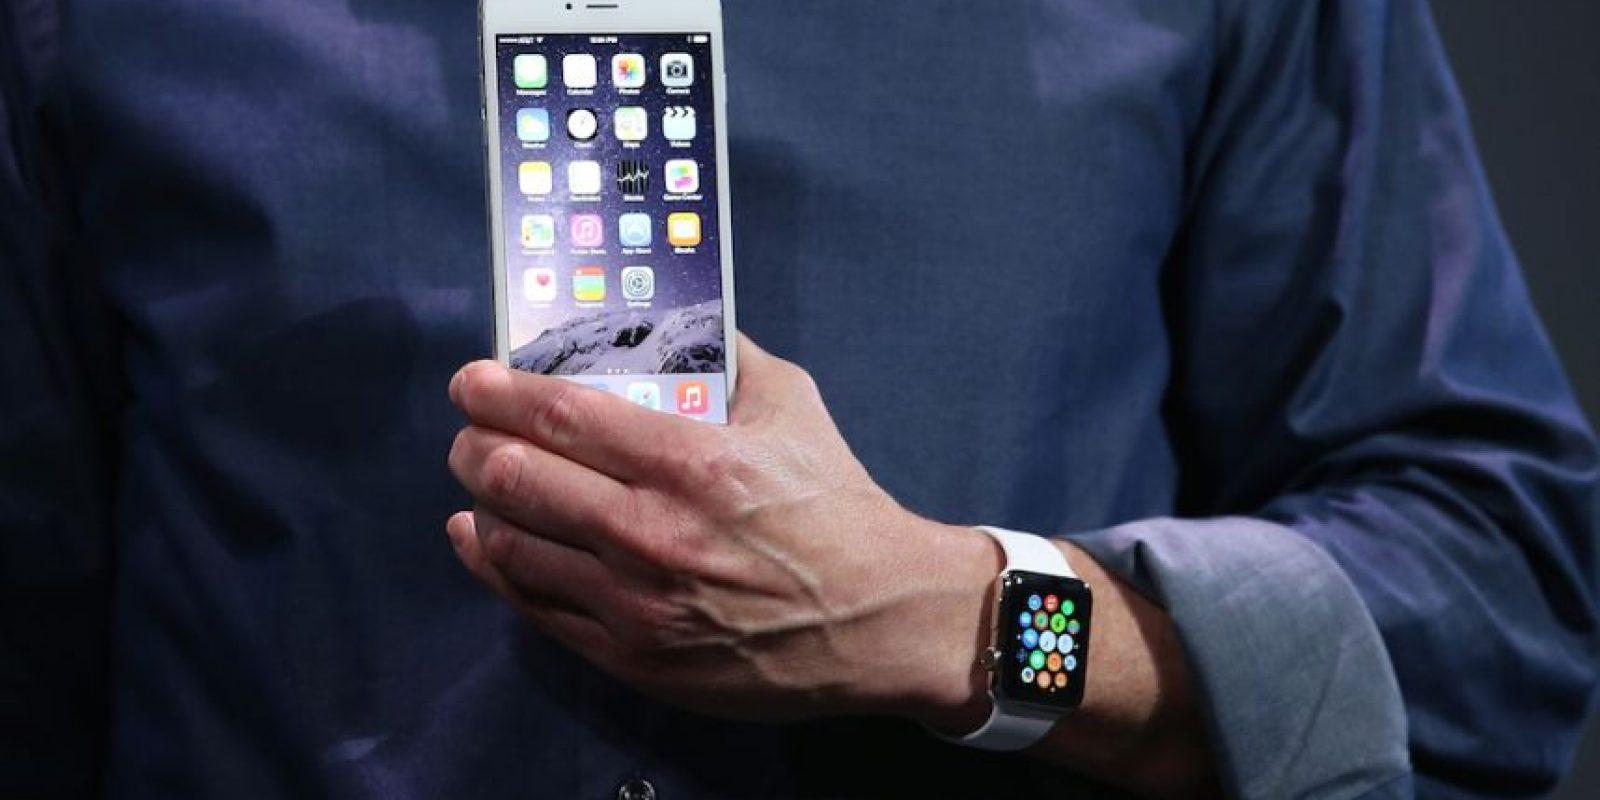 11 mil 999 pesos mexicanos (unos 775 dólares) en la Apple Store. Foto:Getty Images